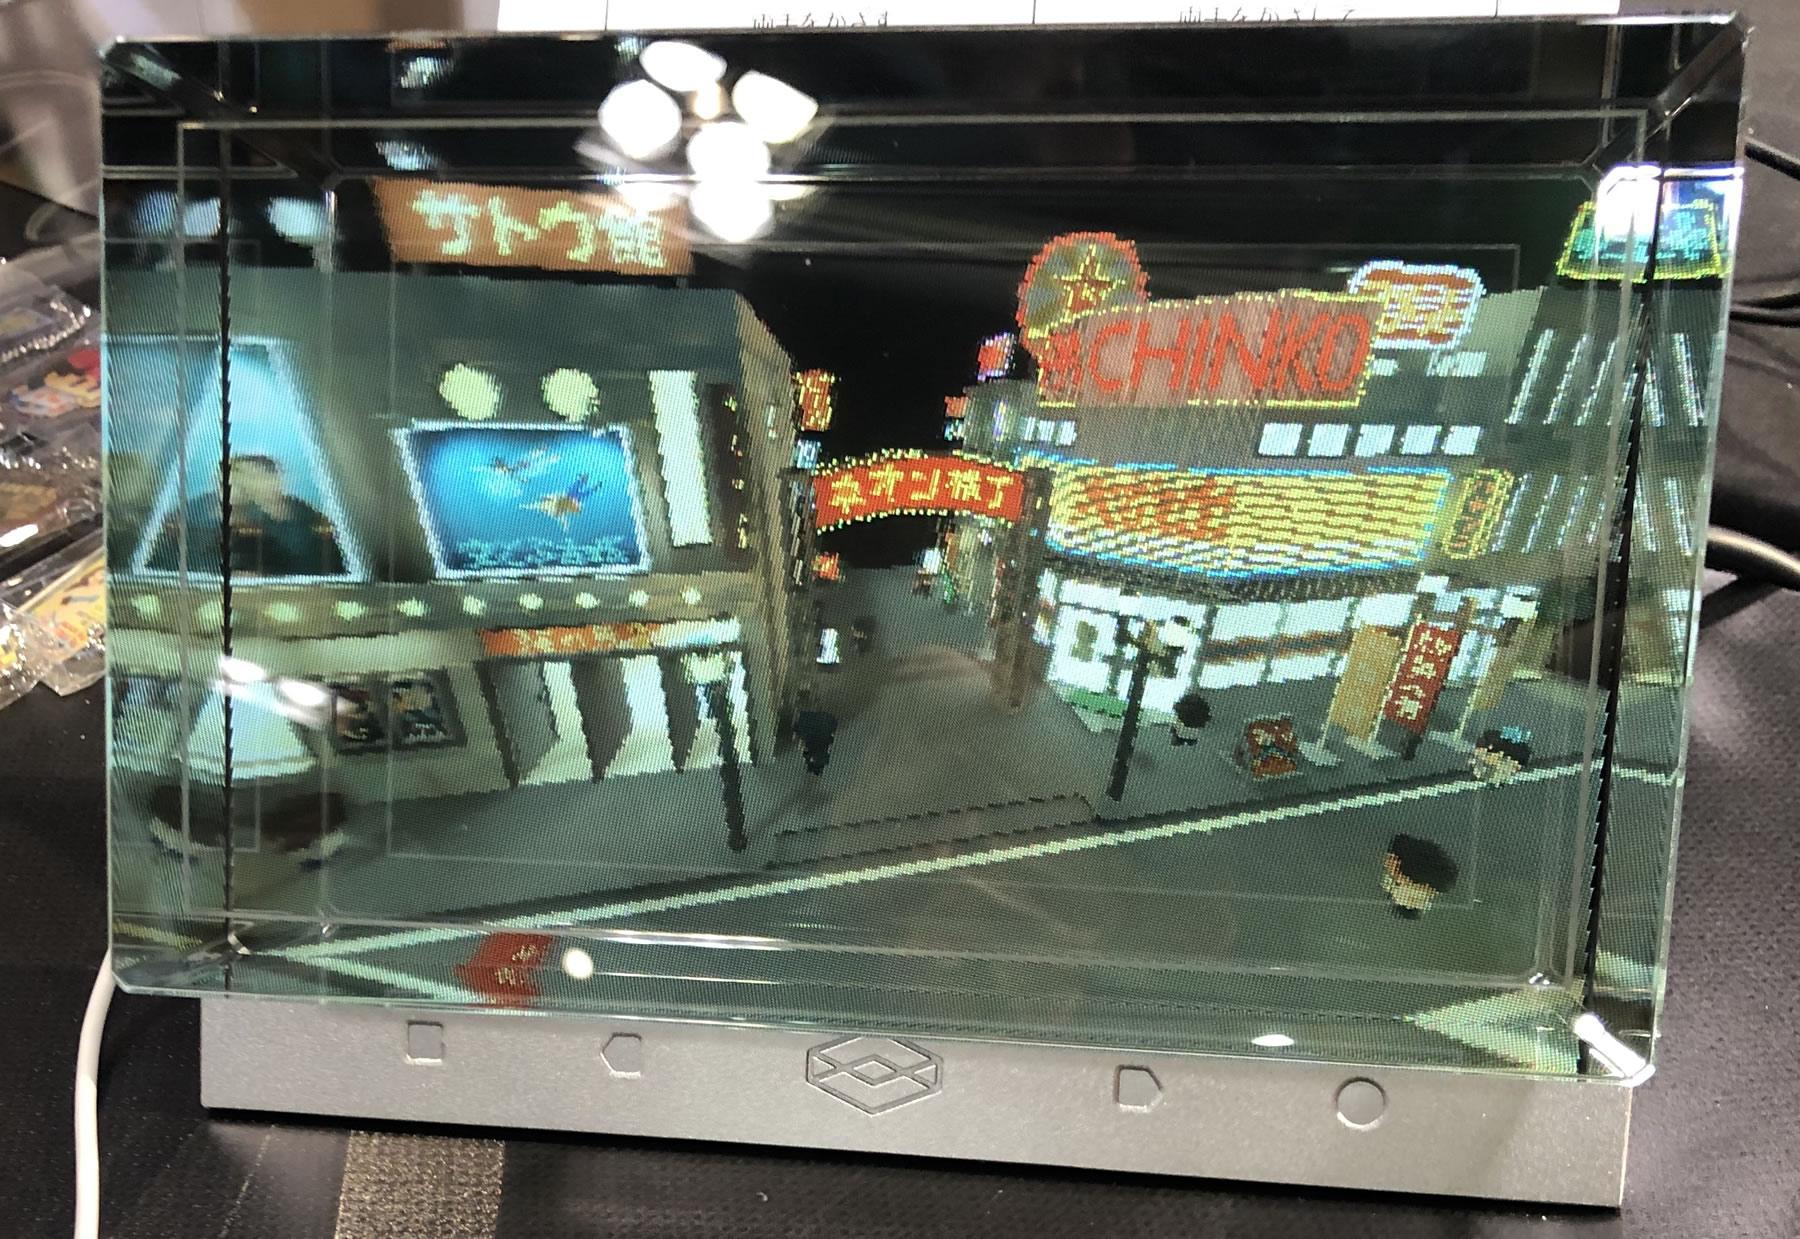 イベント展示におすすめ! 裸眼で3D映像を楽しめる「Looking Glass」